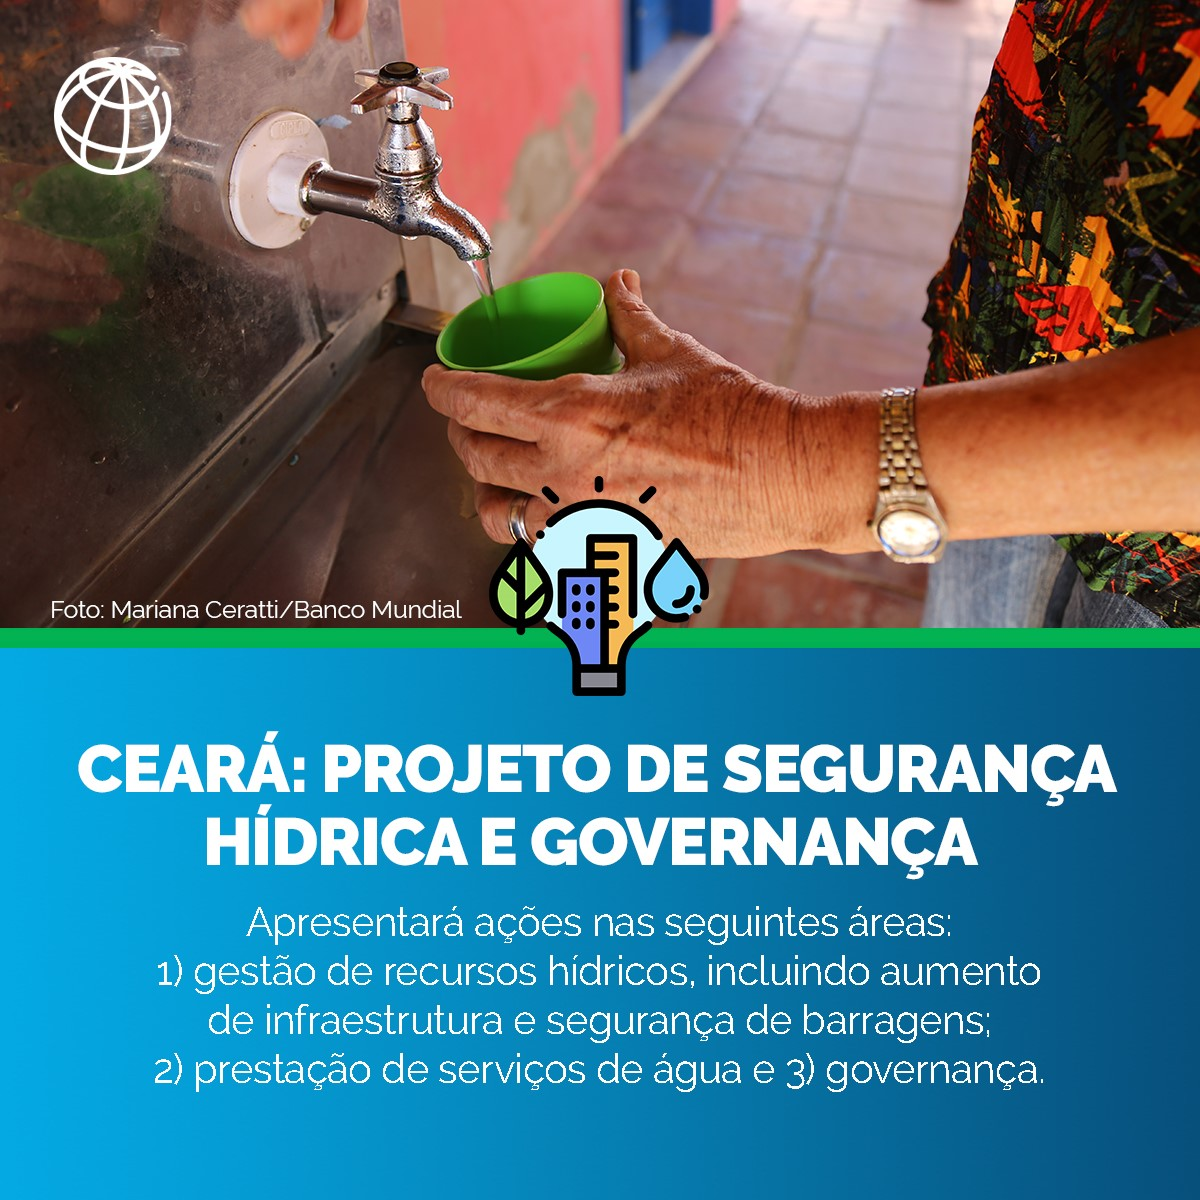 Além de levar um serviço mais confiável e reduzir as perdas na distribuição de água, o projeto espera aumentar a capacidade do Ceará para previsão climática e monitoramento dos reservatórios. Tudo isso ajuda no planejamento de medidas contra as secas ➡️